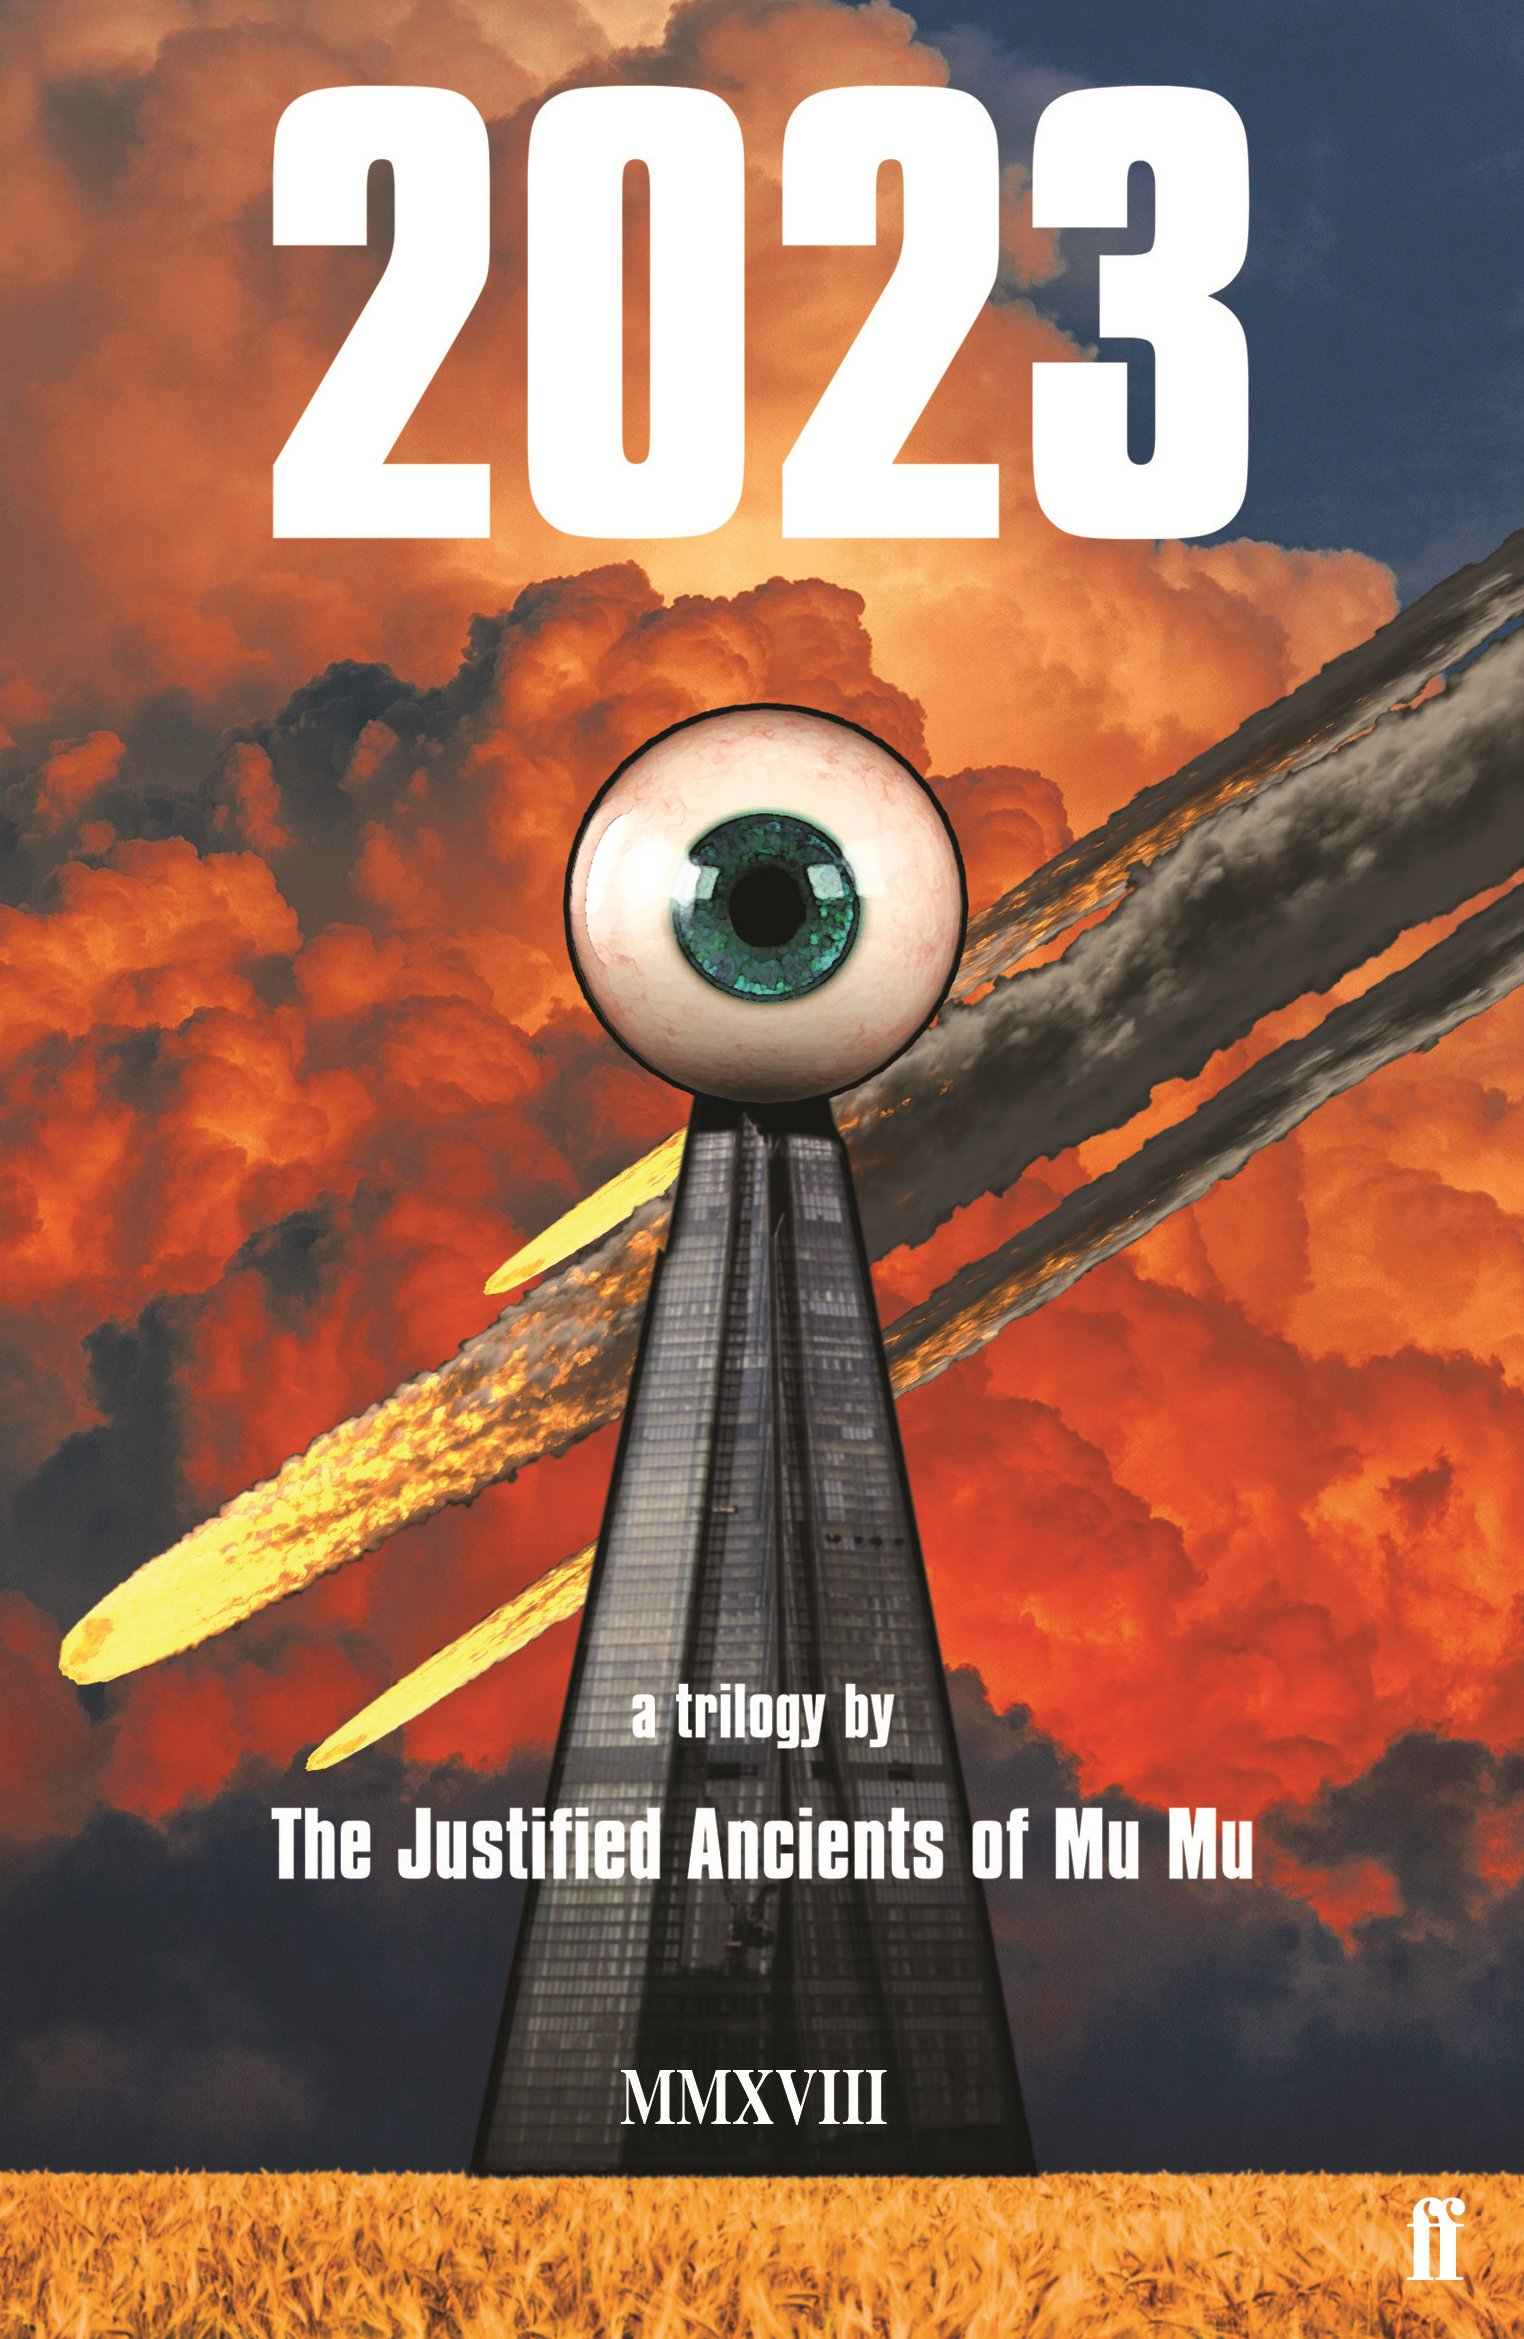 2023: a trilogy (Justified Ancients of Mu Mu): Amazon.co.uk: The Justified  Ancients of Mu Mu: 9780571340729: Books